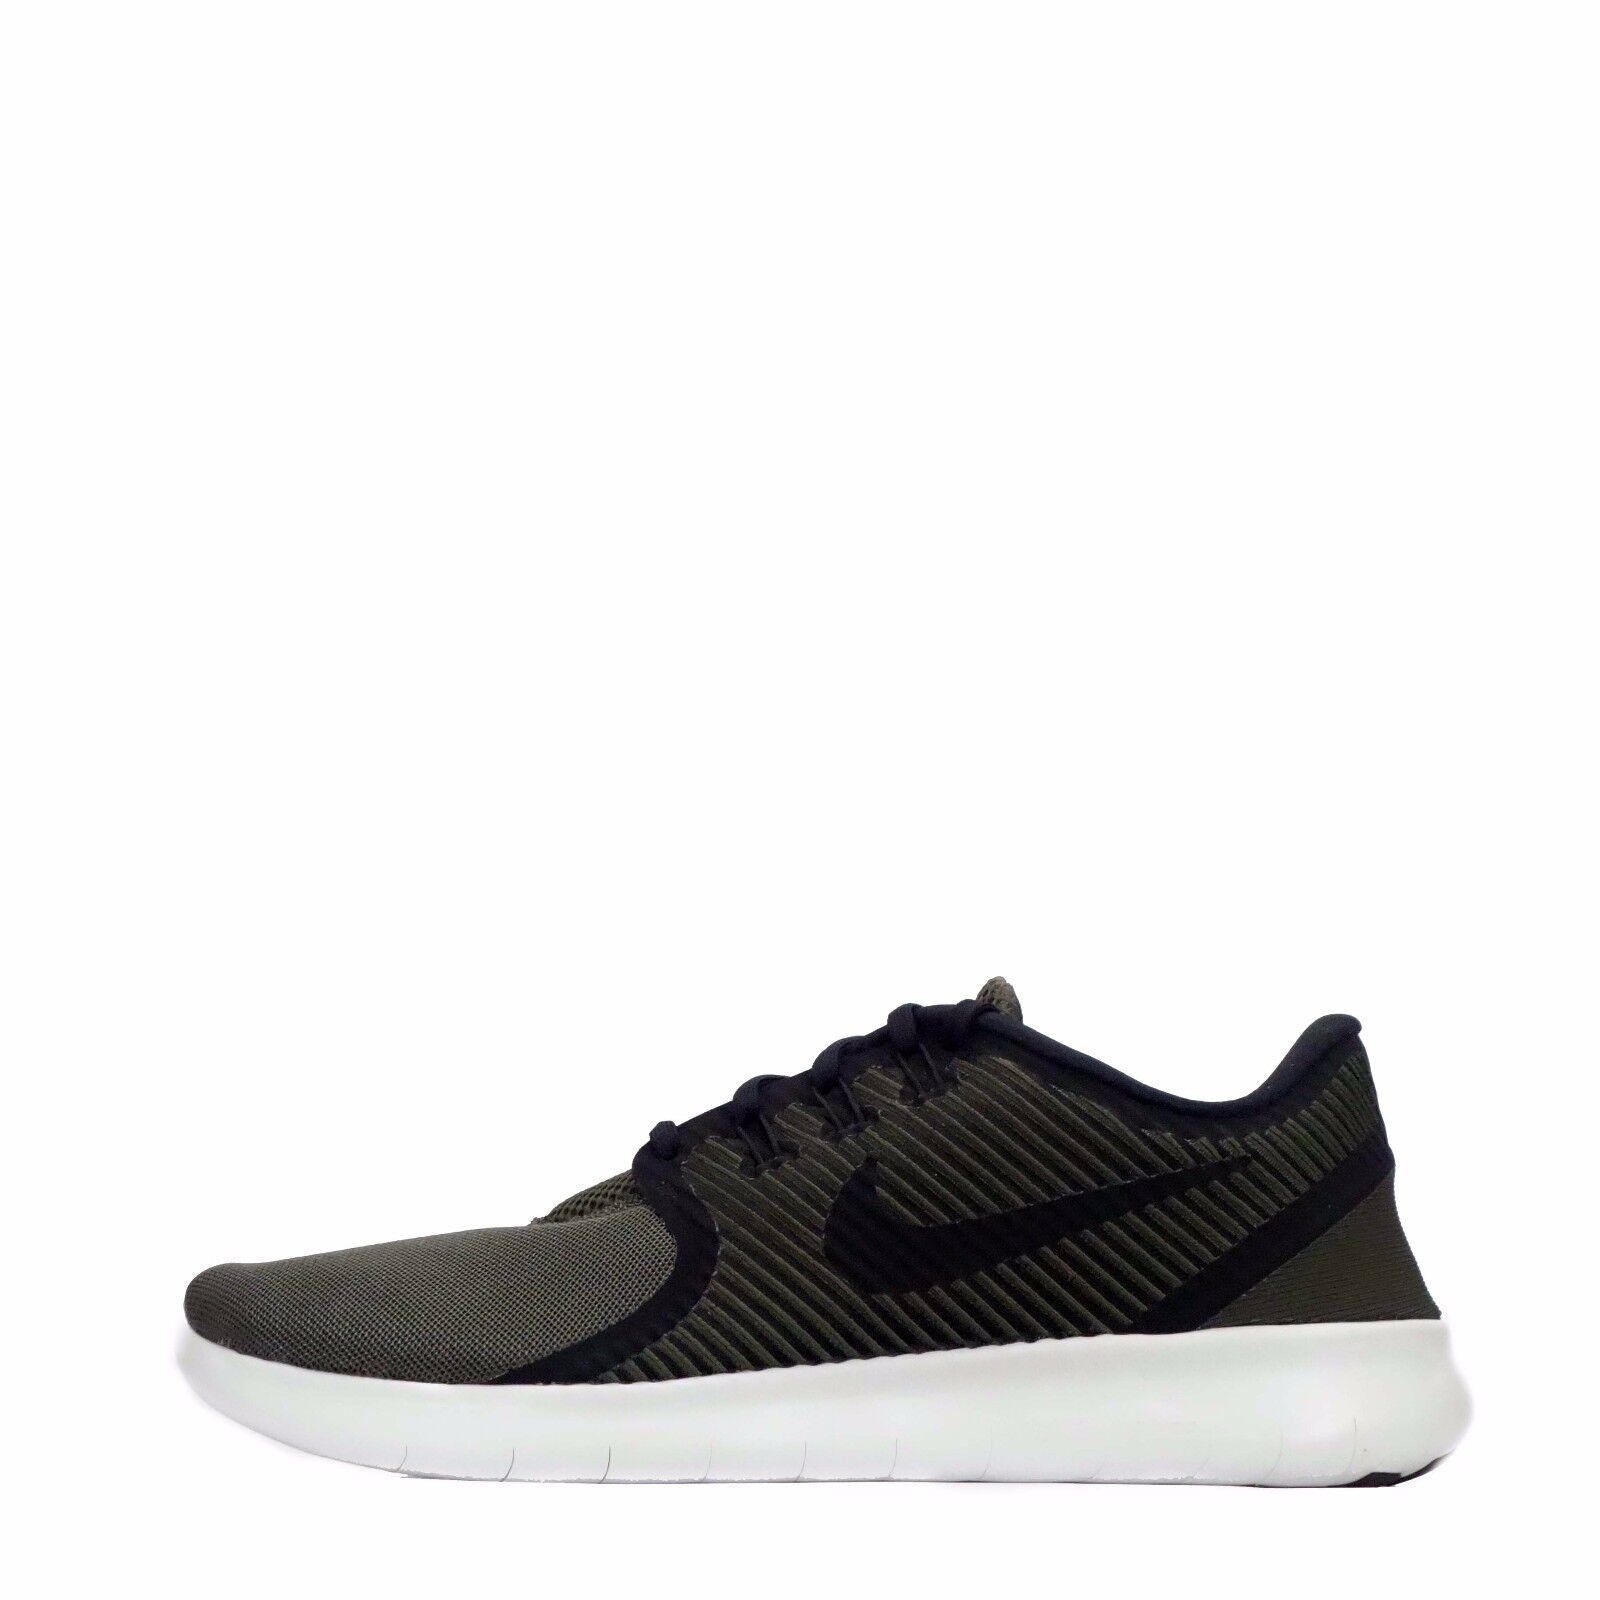 Nike Free RN Commuter cargo Para hombres Zapatos para correr cargo Commuter Khaki/Negro d66a14